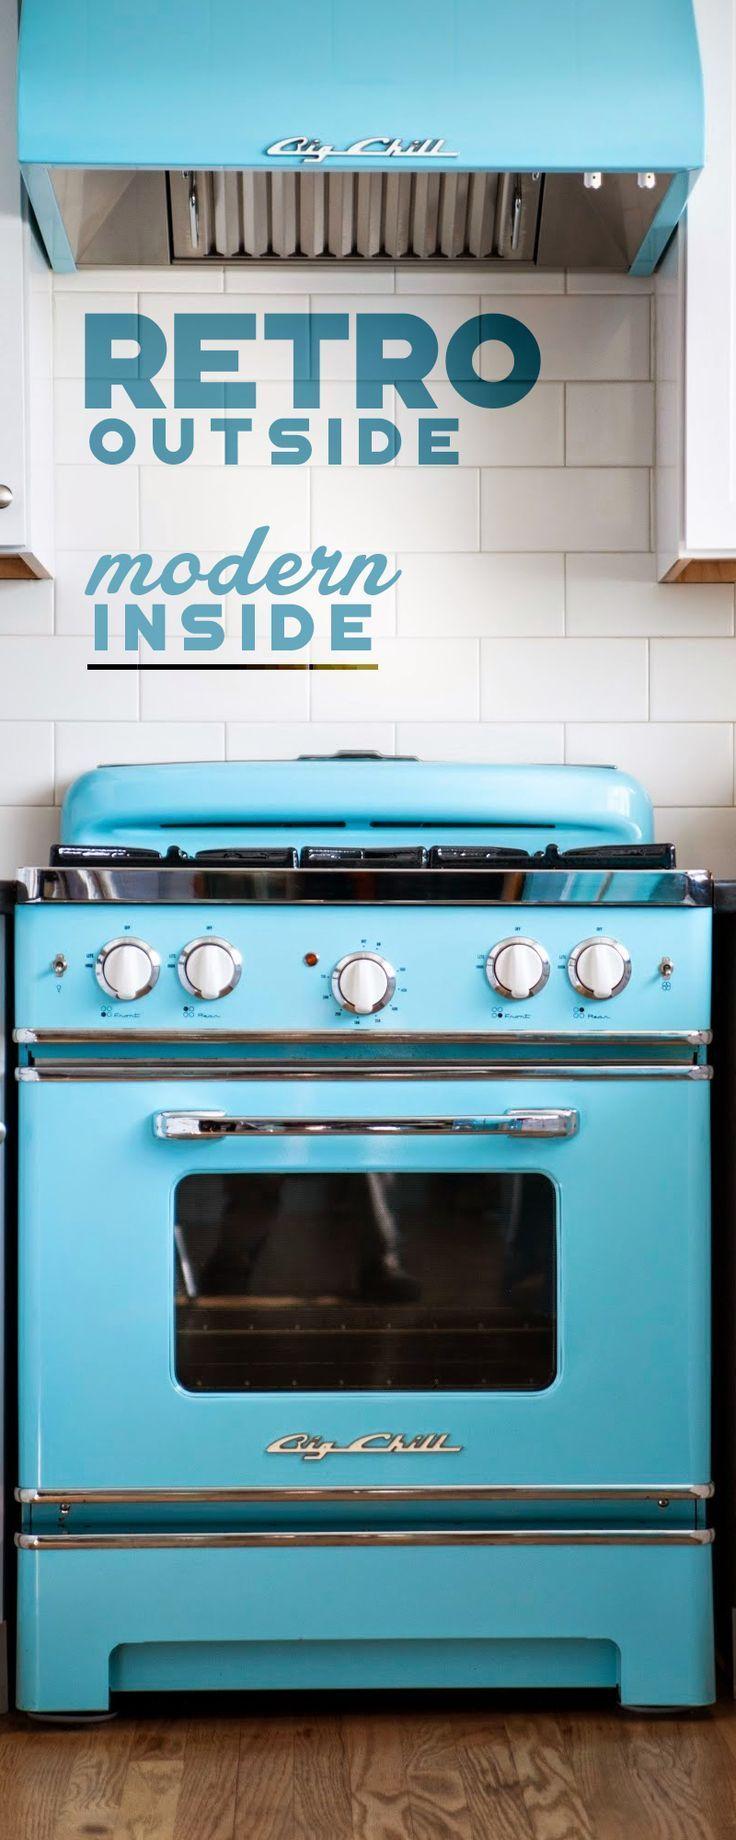 Retro and Modern Stoves, Ranges & Ovens | Pinterest | Retro ...